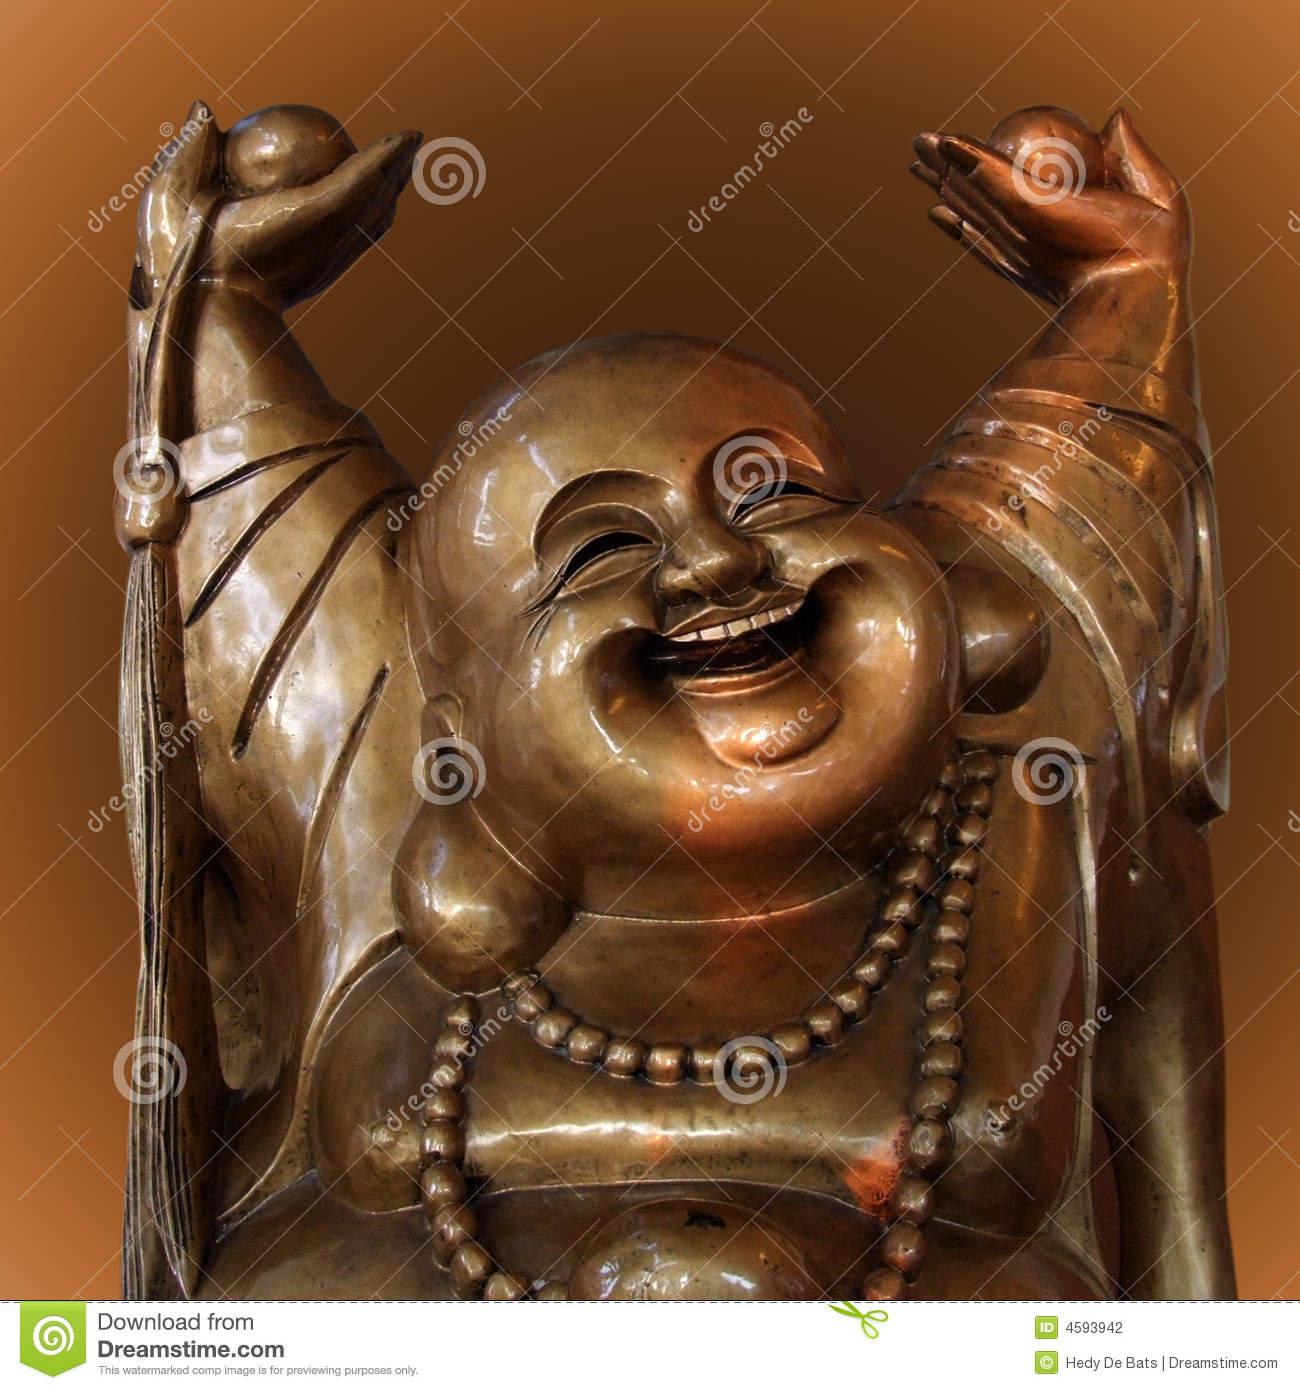 laughing-buddha-figurine-4593942.jpg